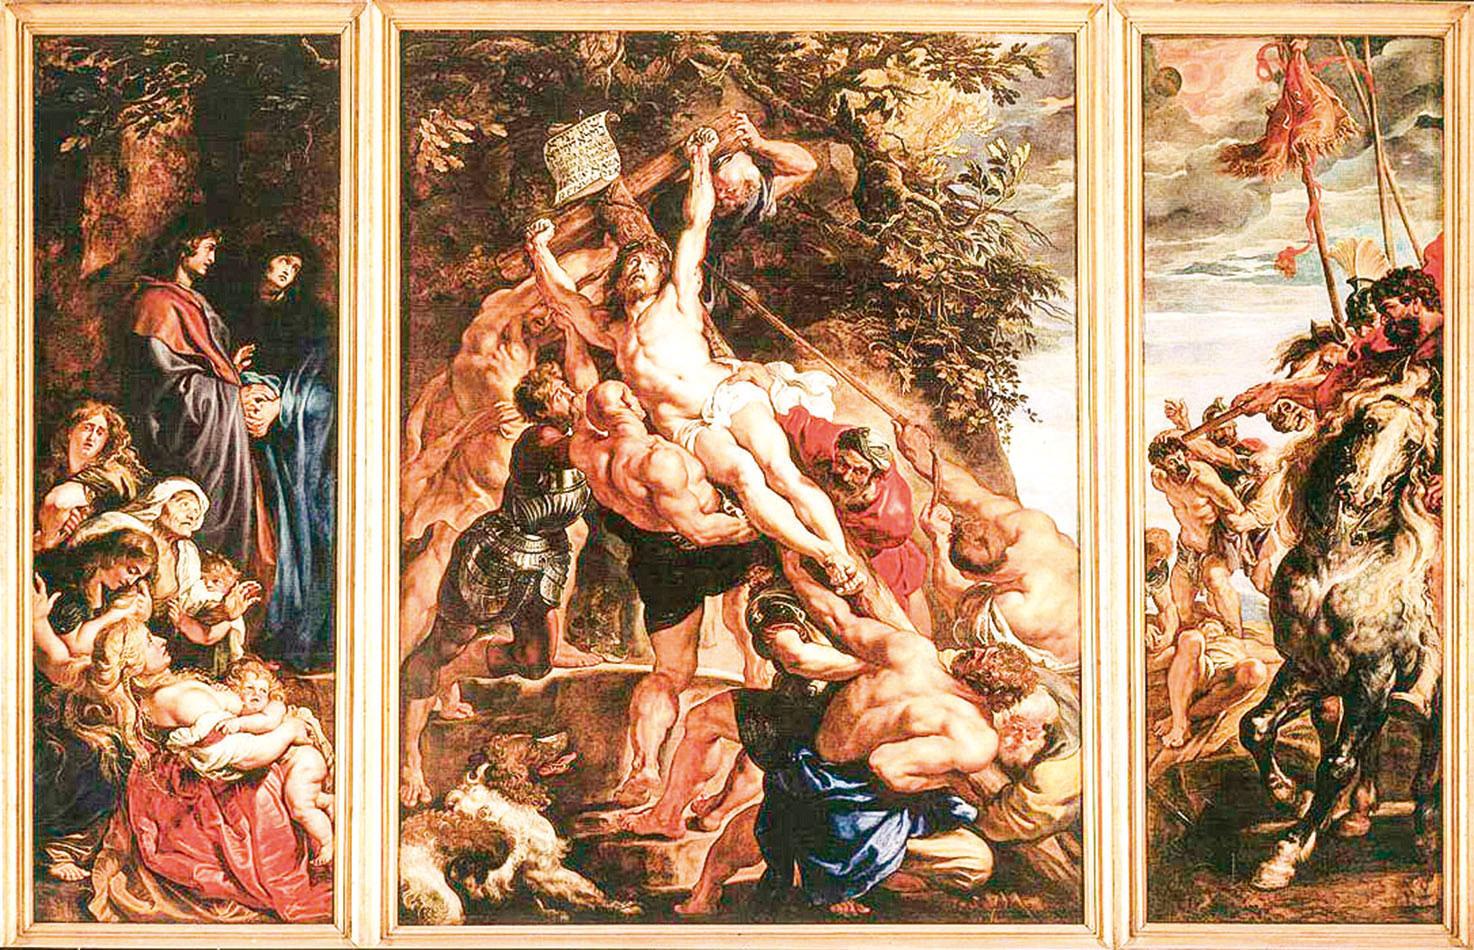 魯本斯 - 《十字架的崛起》The Raising of the Cross。(公有領域)